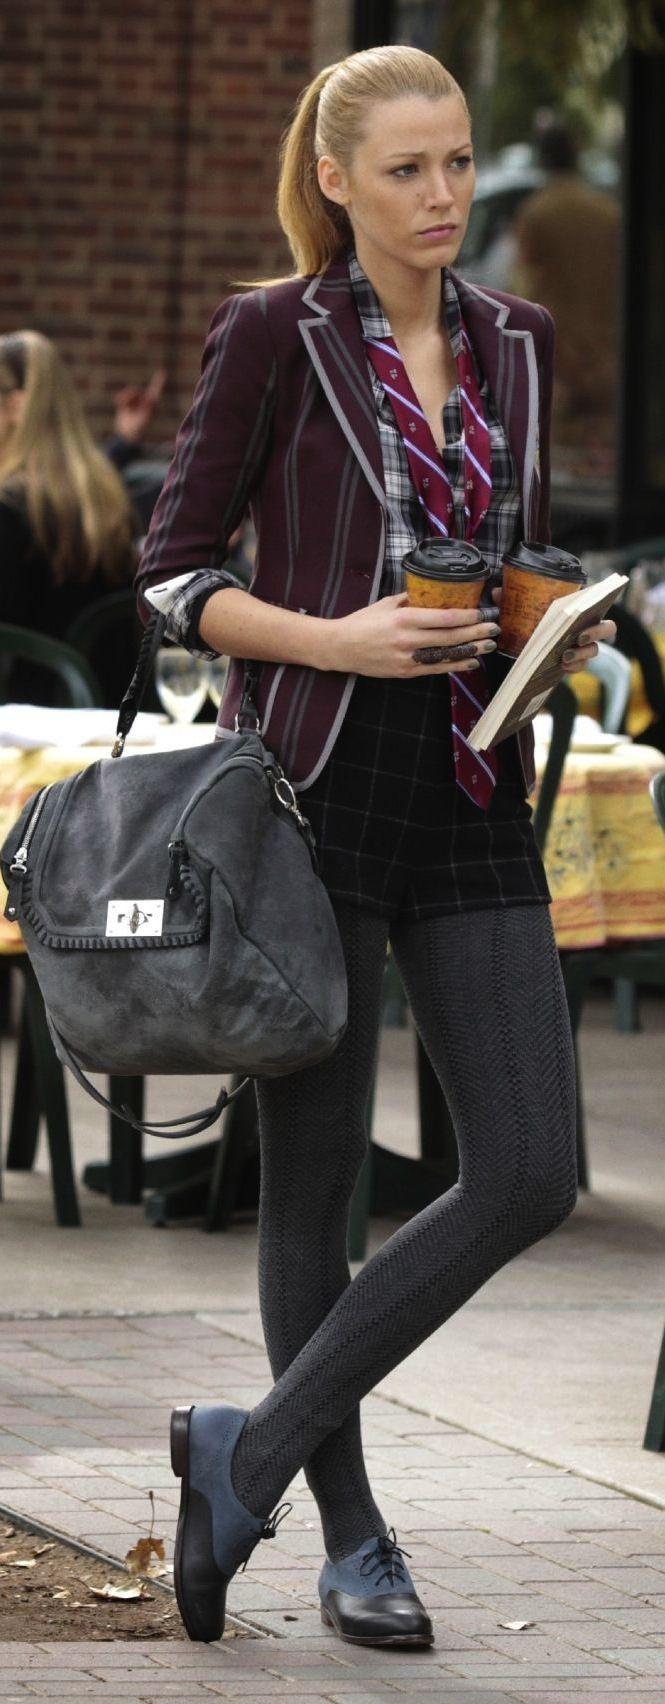 Serena van der Woodsen. 'Gossip Girl' S2. Costume Designer: Eric Daman